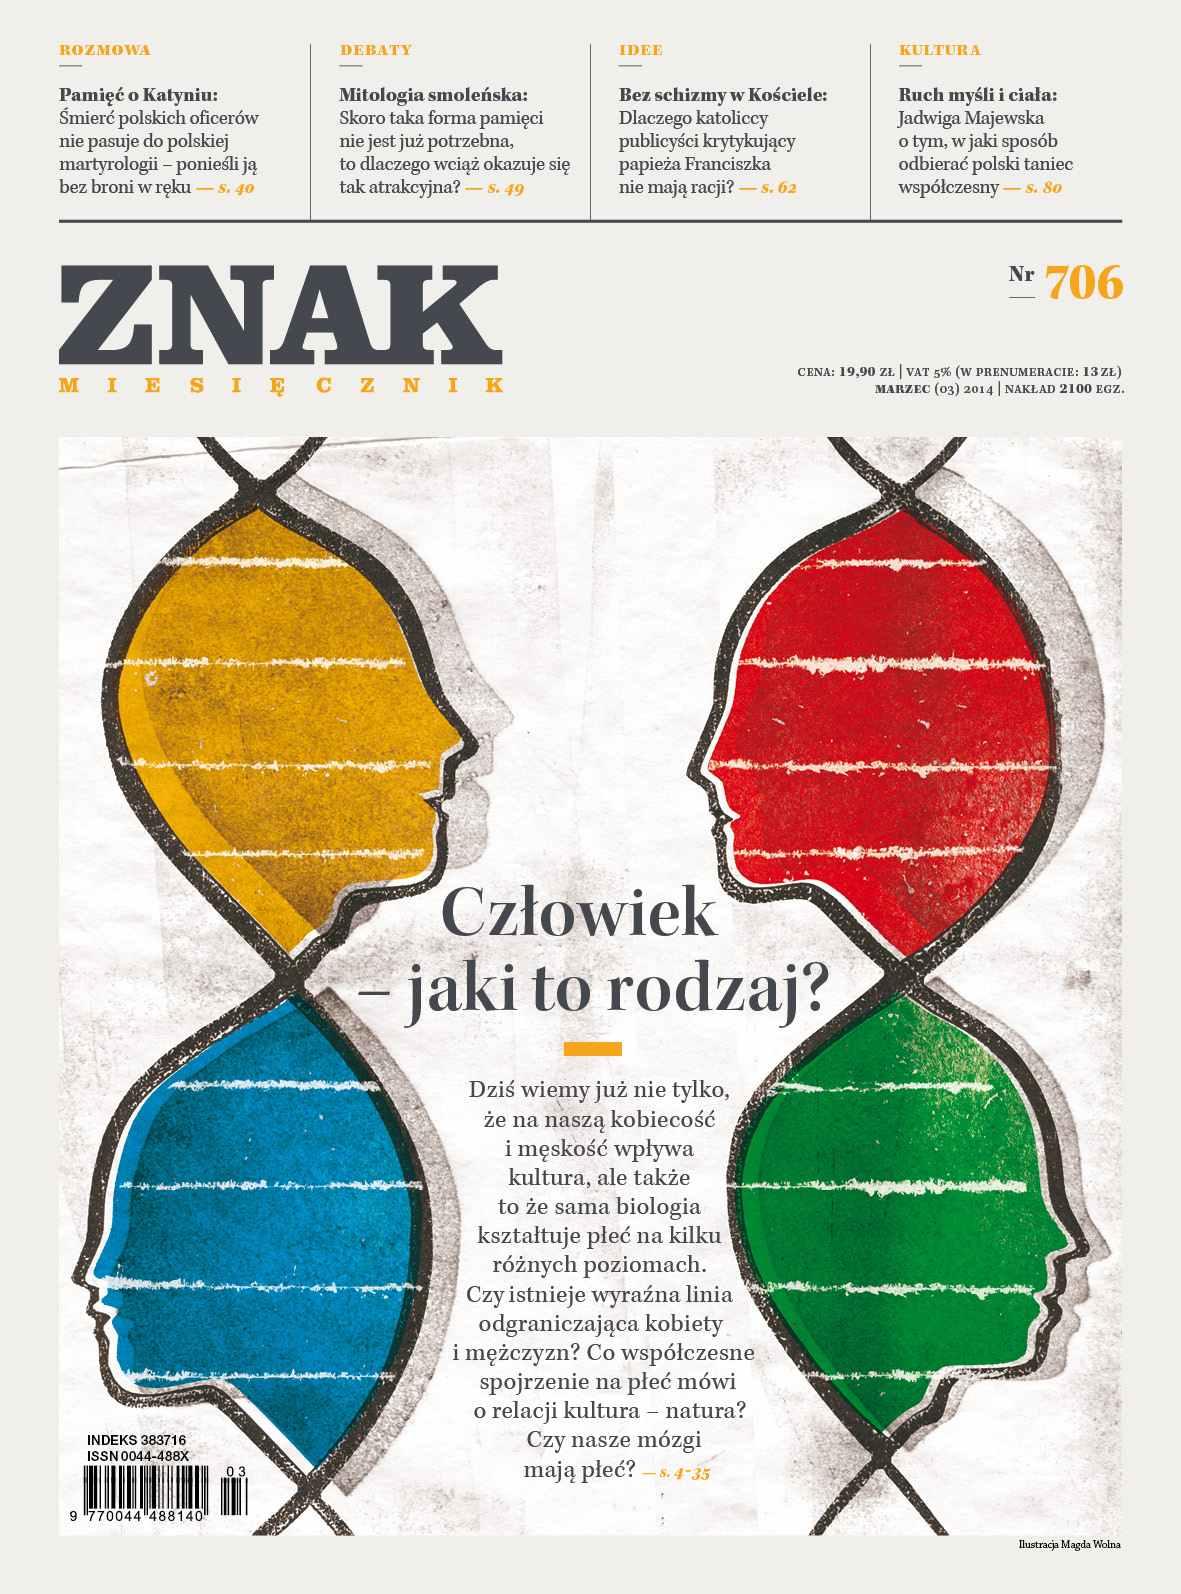 Miesięcznik Znak. Marzec 2014 - Ebook (Książka PDF) do pobrania w formacie PDF